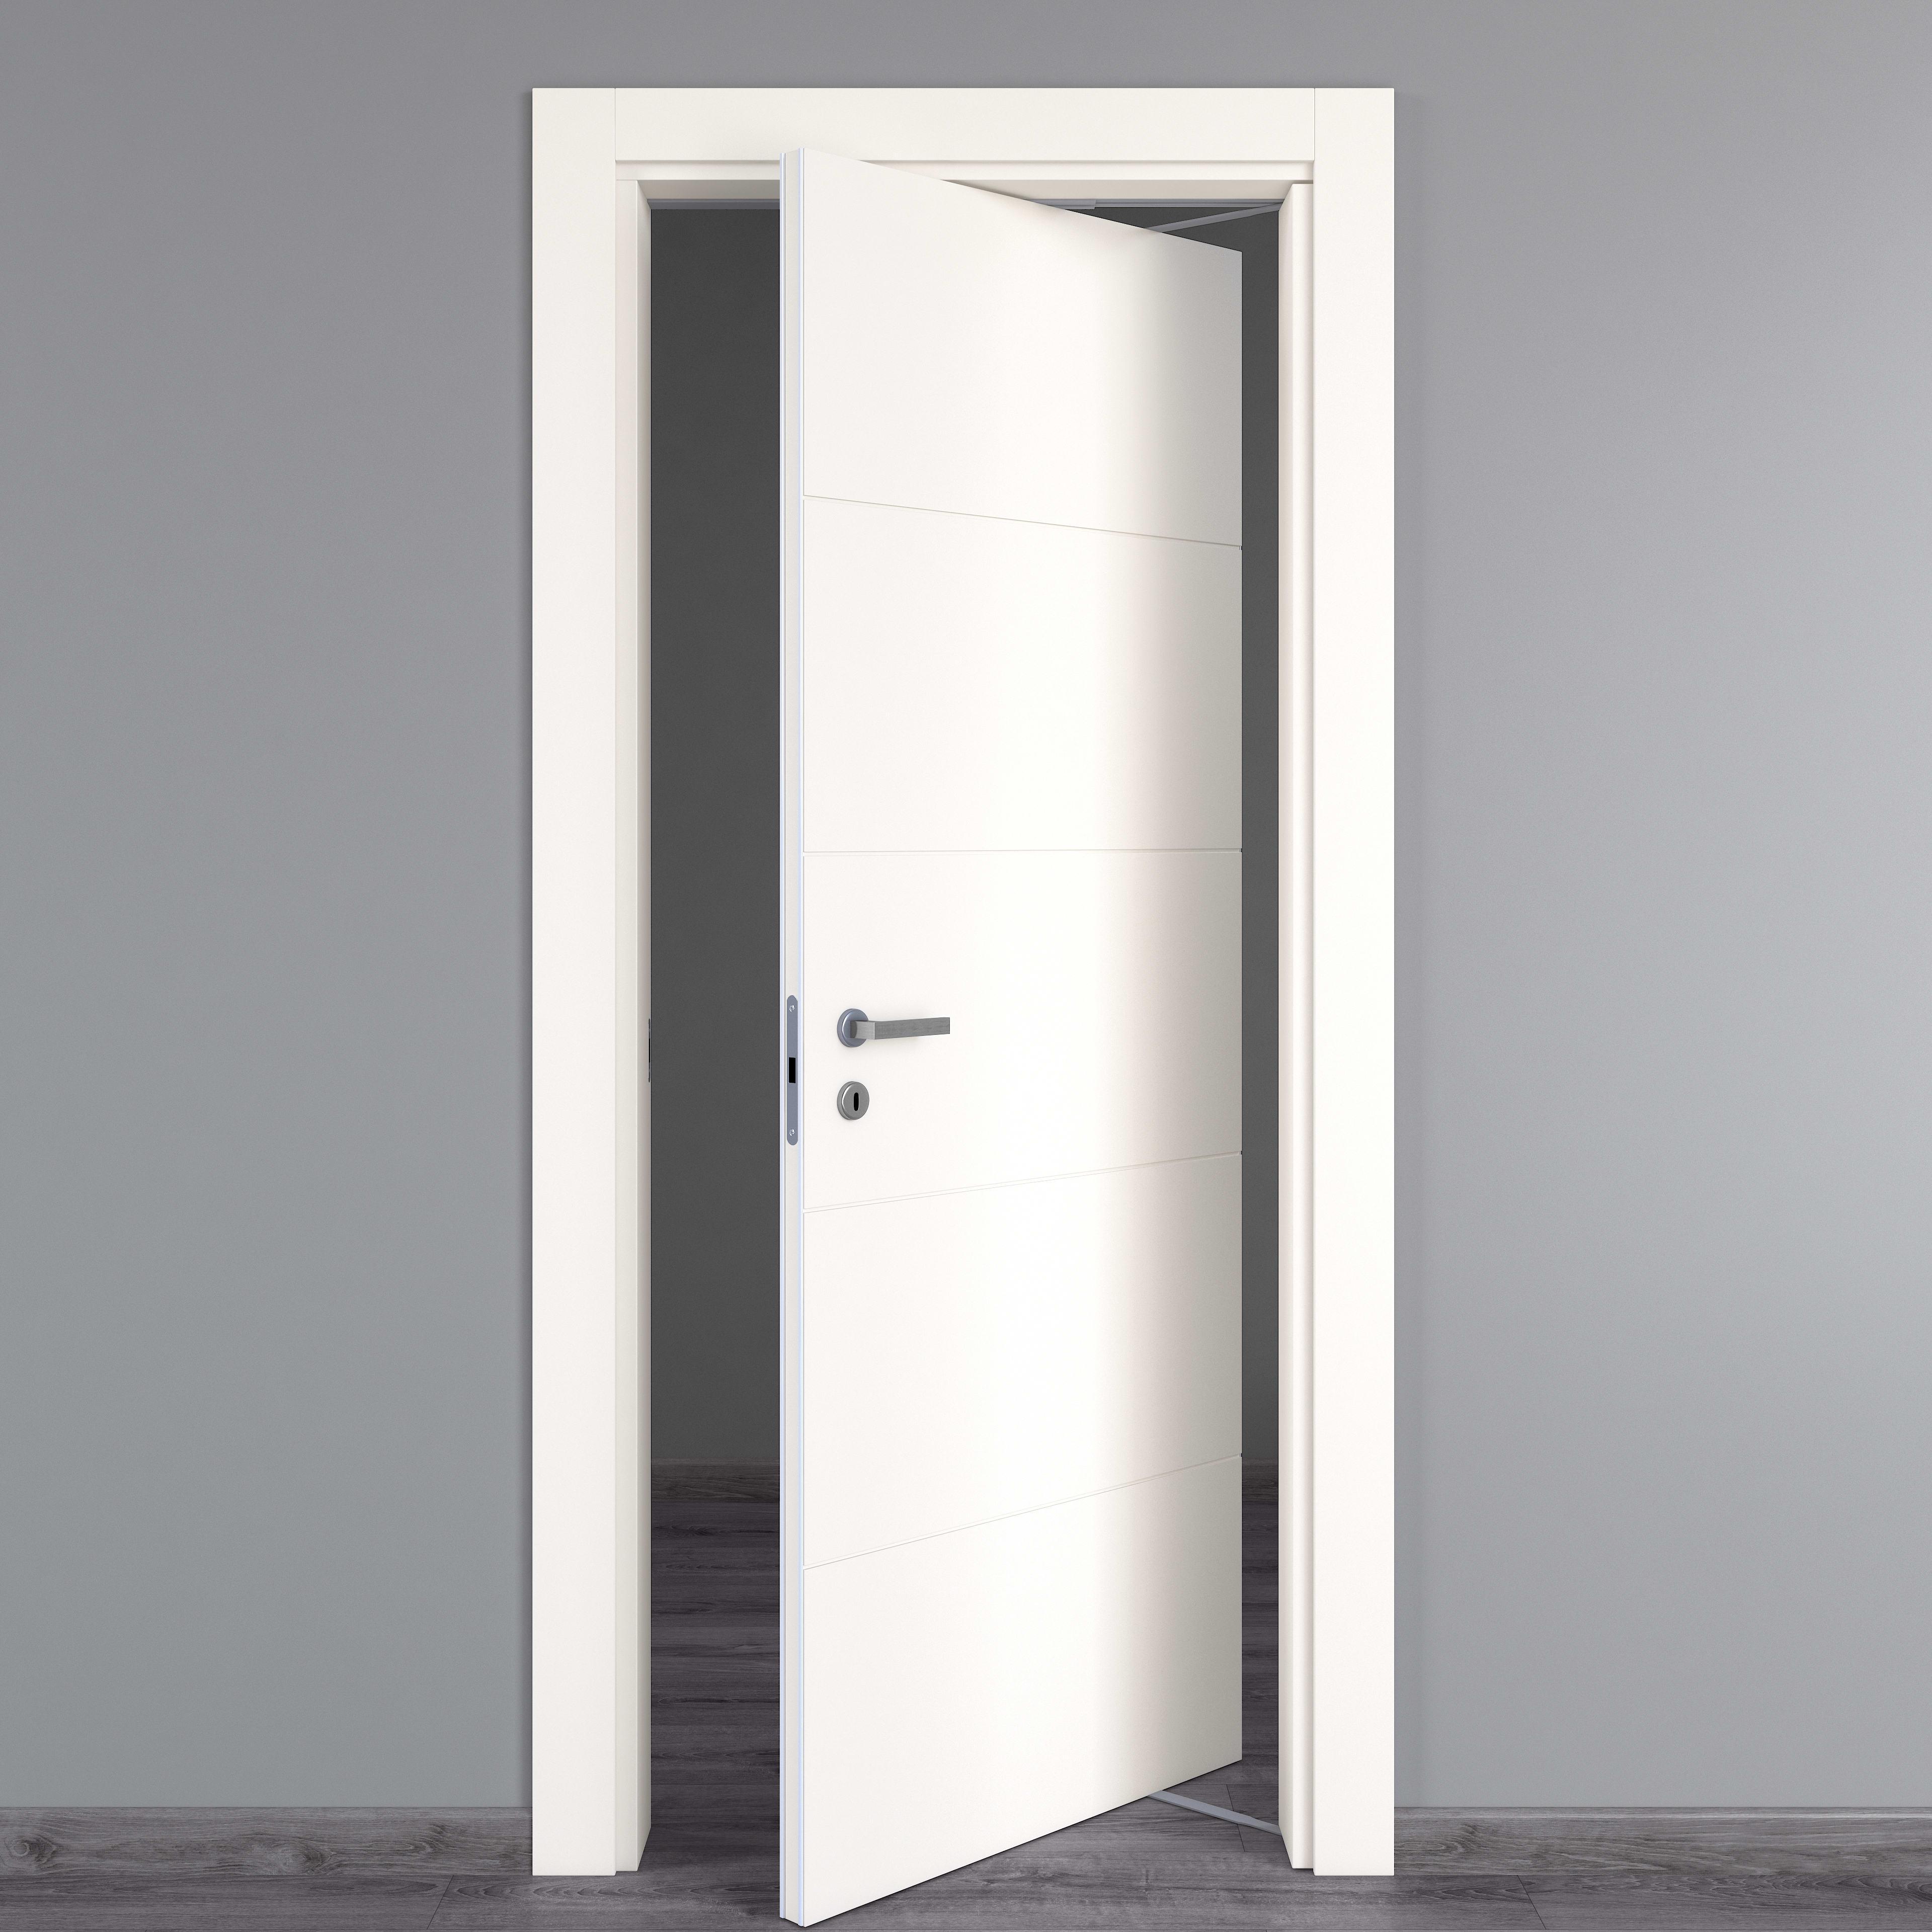 Sistema Rototraslante Per Porte.Porta Da Interno Rototraslante Prado Bianco 80 X H 210 Cm Dx Prezzi